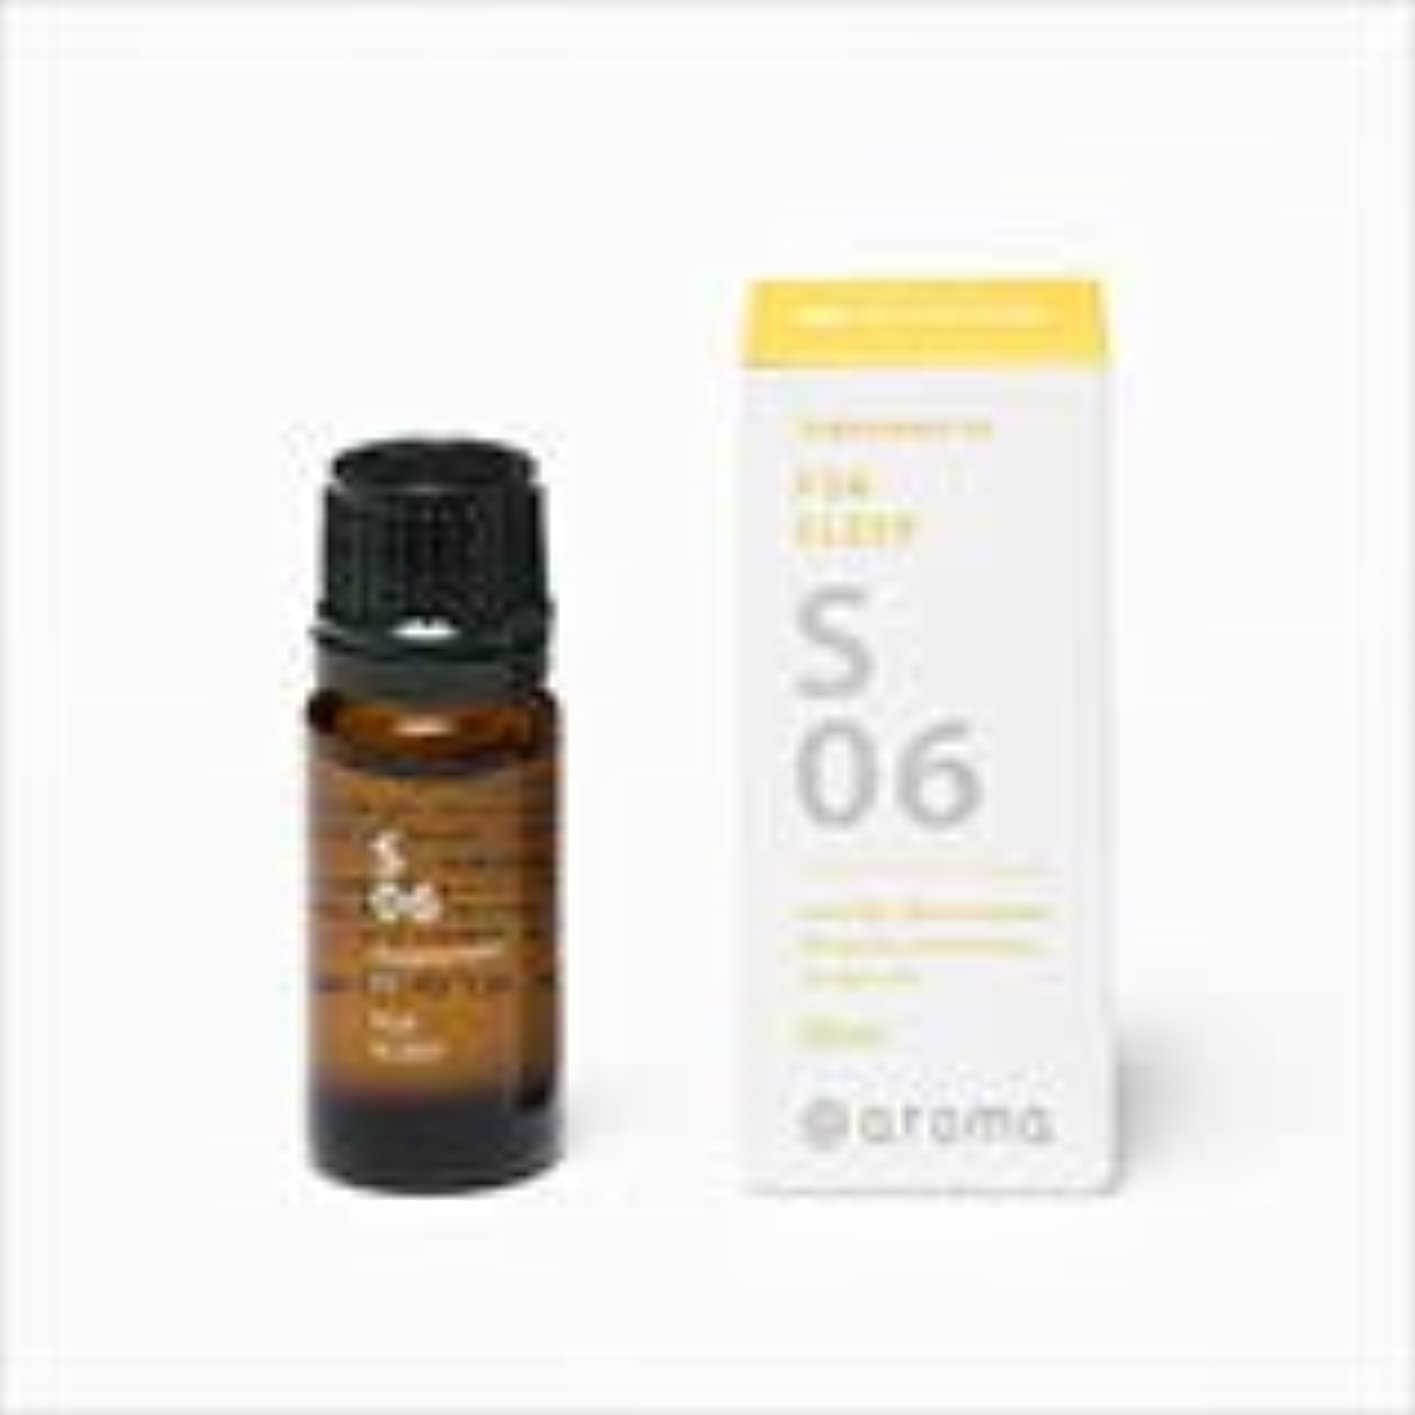 有効化おもしろい時折アットアロマ 100%pure essential oil <Supplement air リフレッシュ>